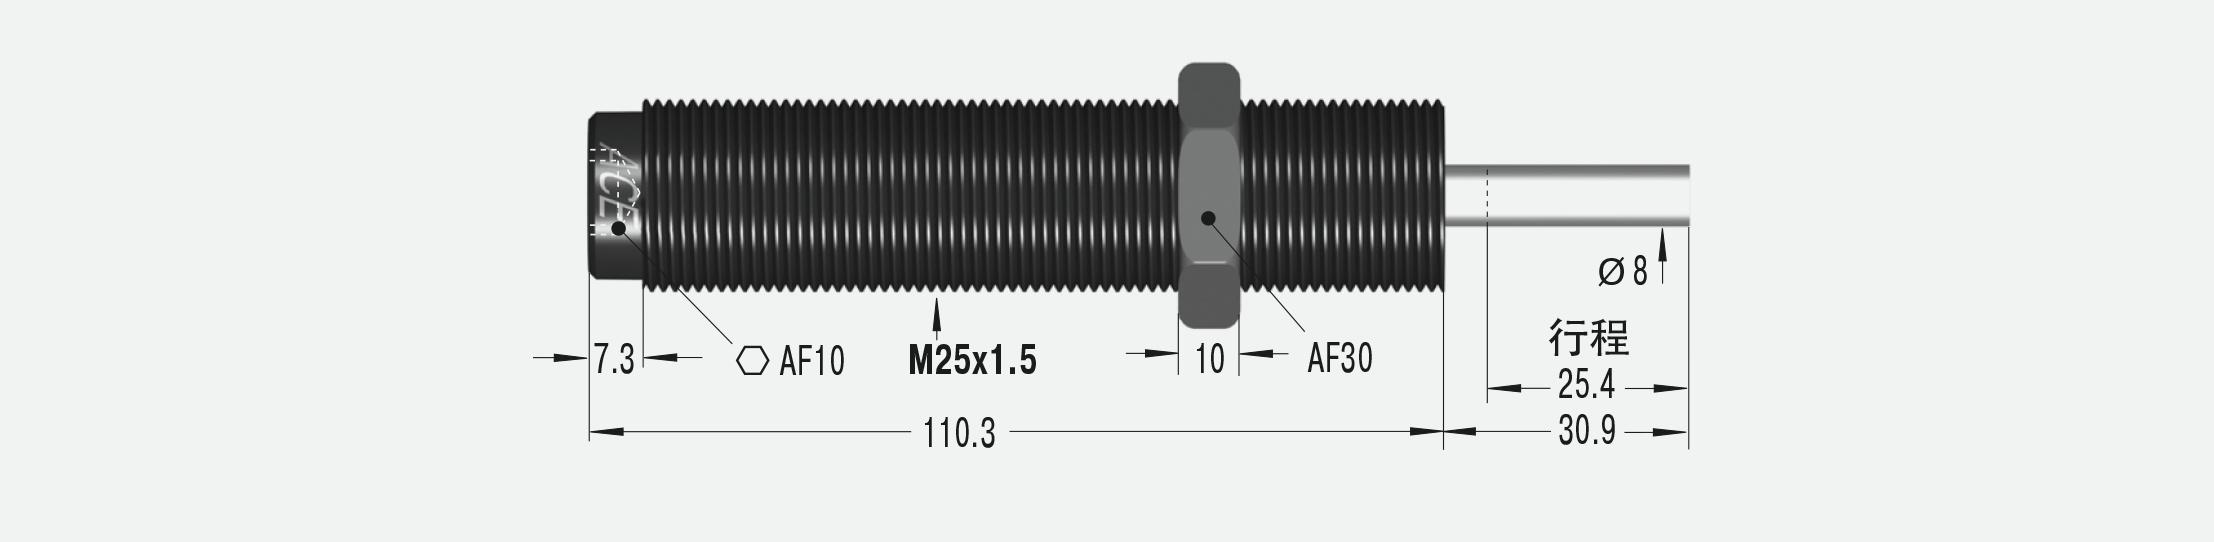 MC600M